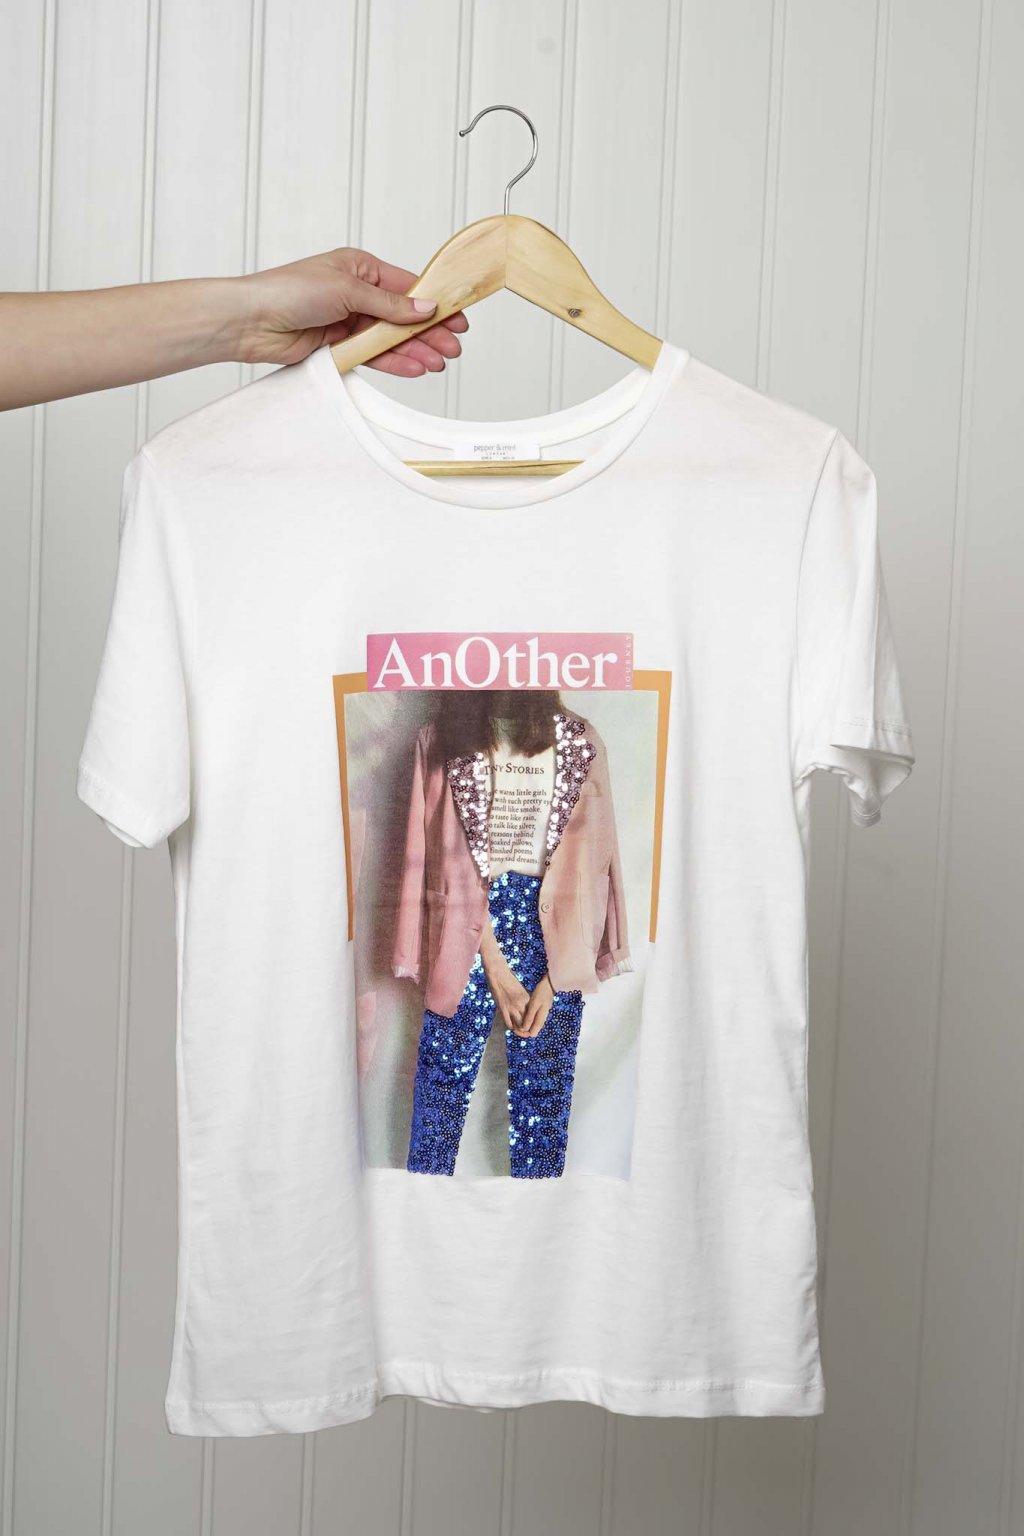 tričko, tričkové šaty, biele, čierne, žlté, vzorované, potlač, vyšívané, nášivky, fialové, street style, 121